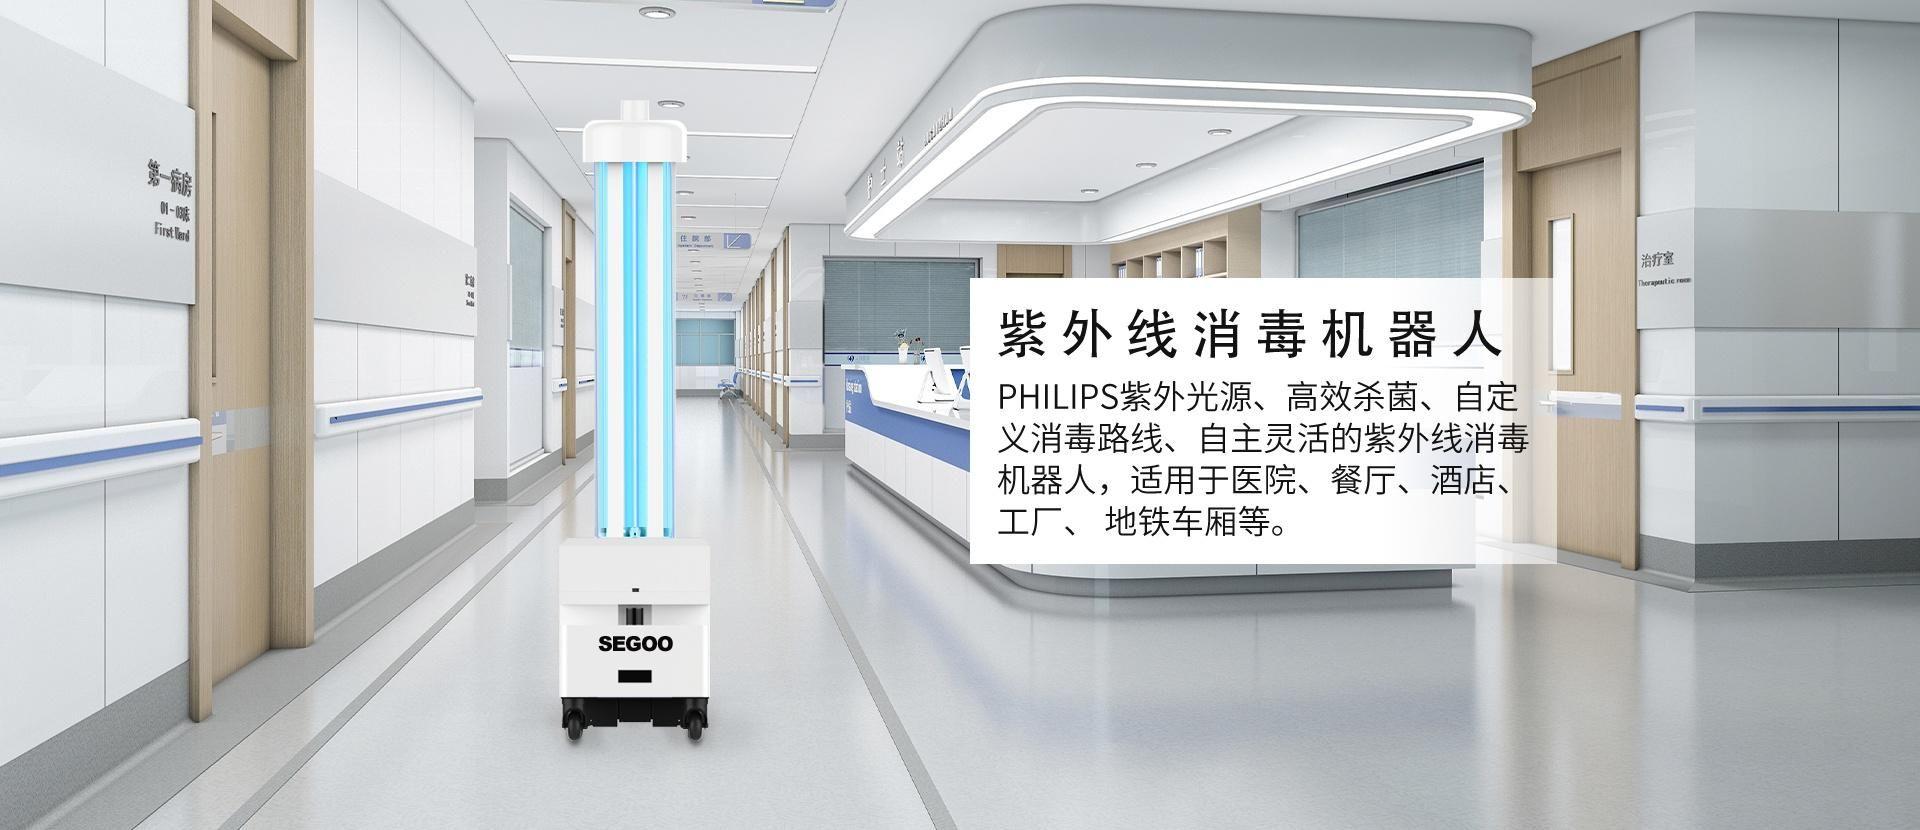 小洁紫外线消毒机器人消毒机器人